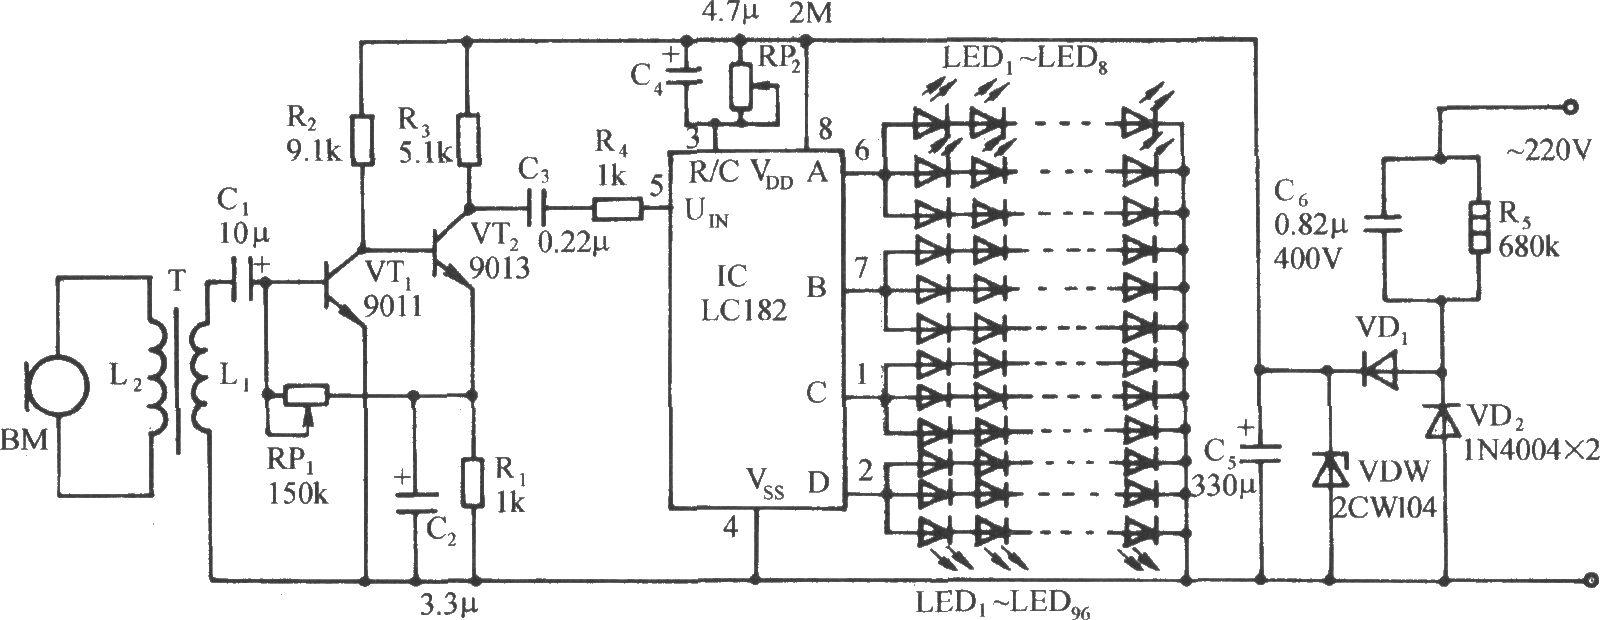 控同步彩灯控制电路